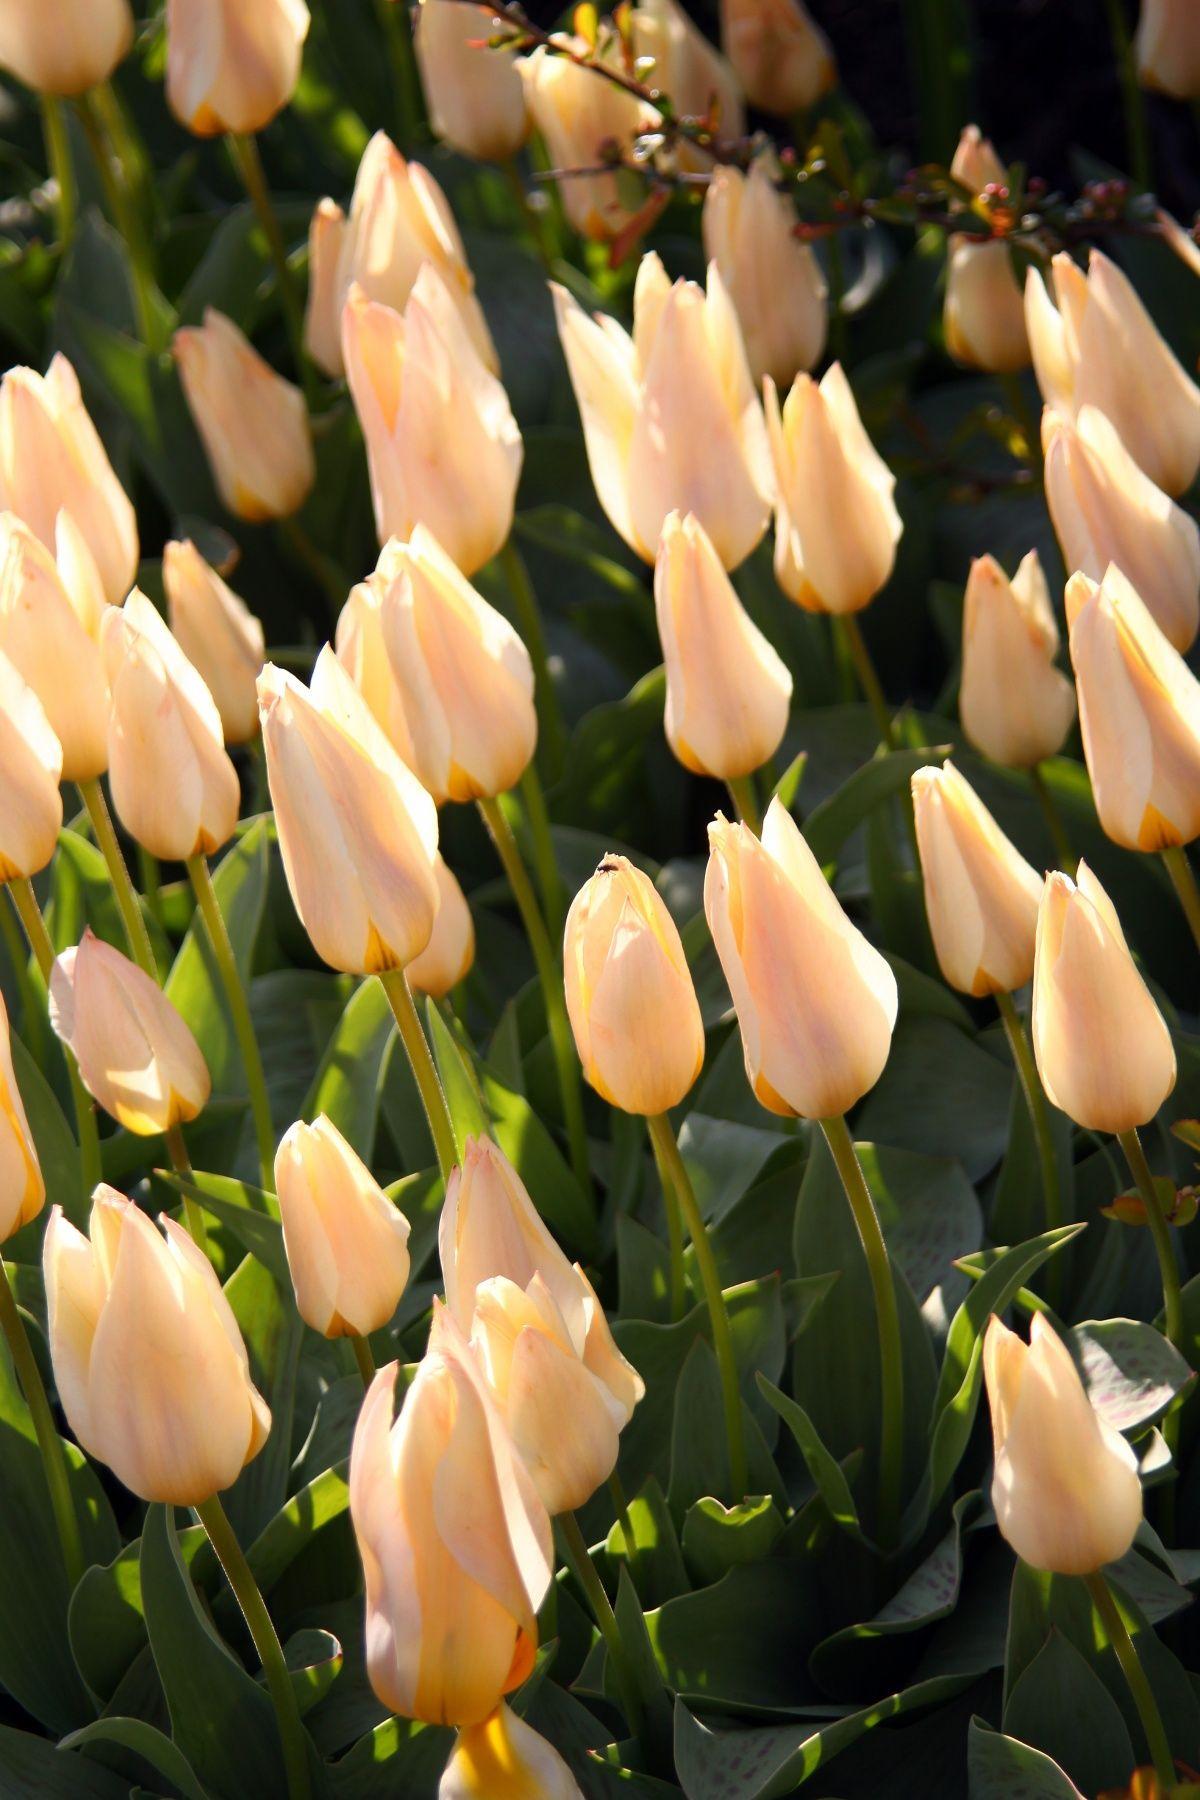 Faszinierend Welche Blumen Blühen Im März Sammlung Von Glade-beige-tulips-1244208417_22.jpg (1200×1800)